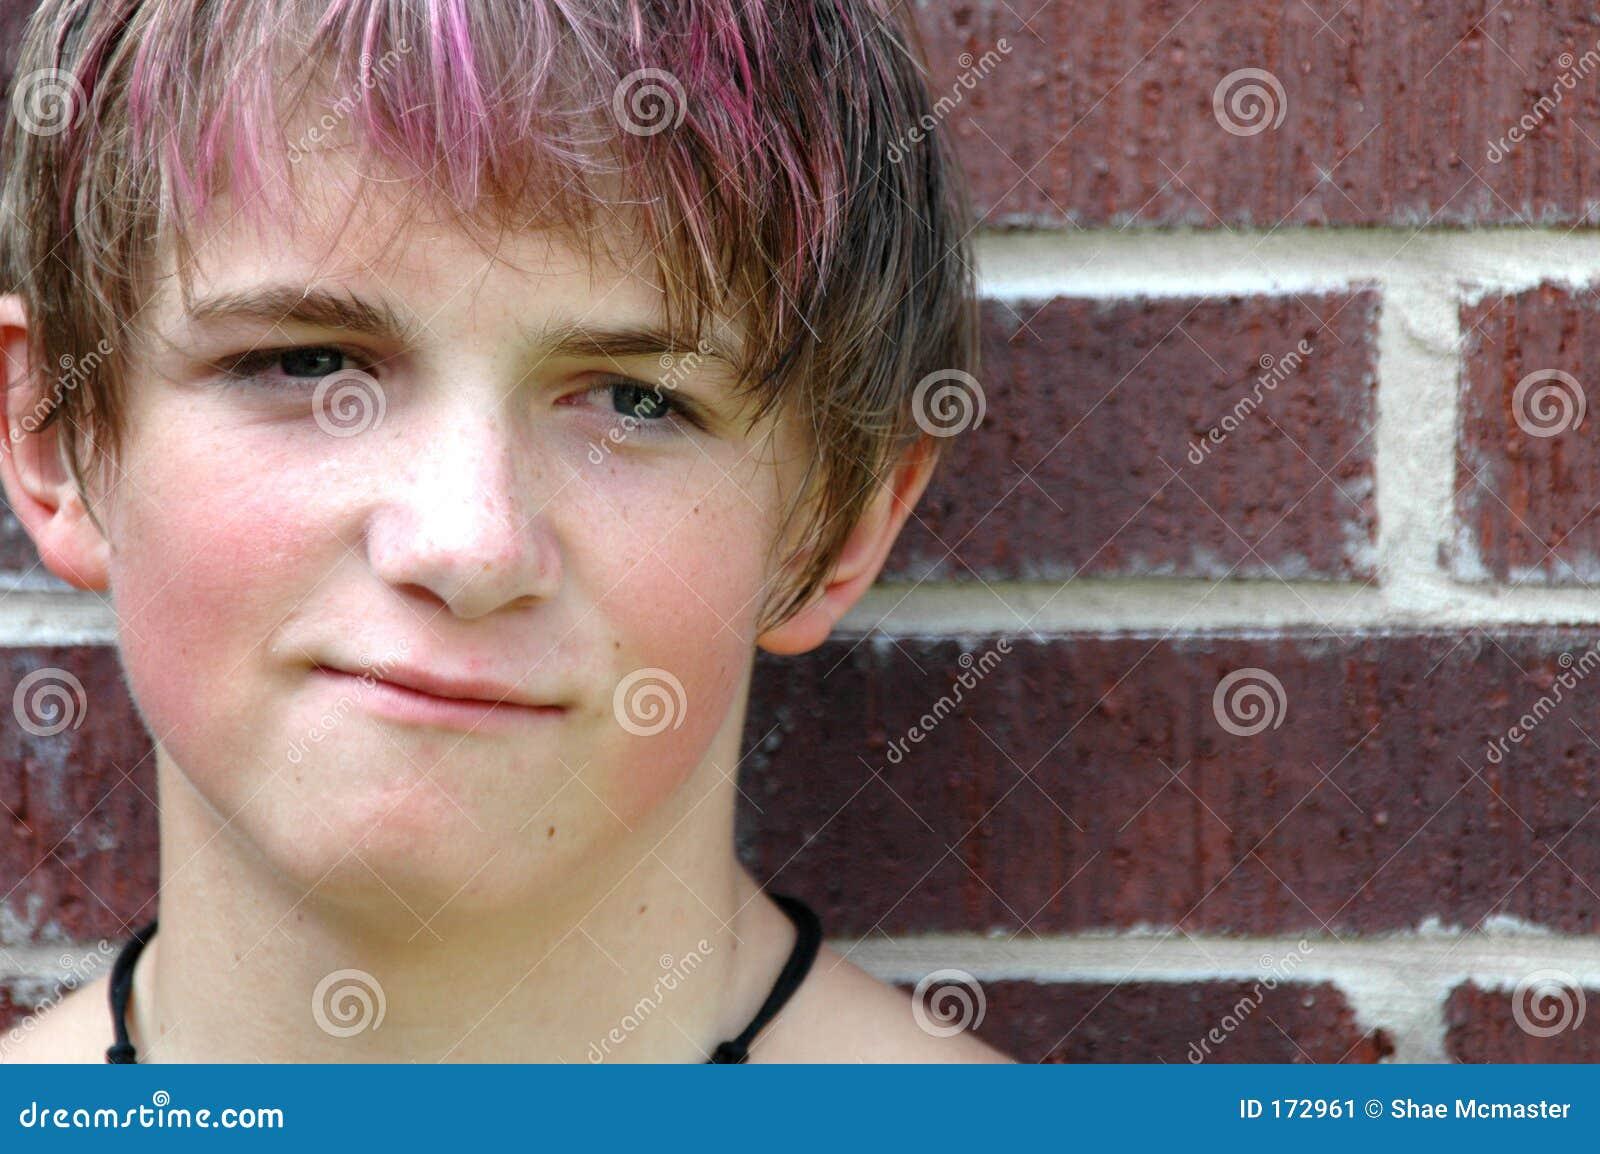 teenboy Teen Boy Stock Image